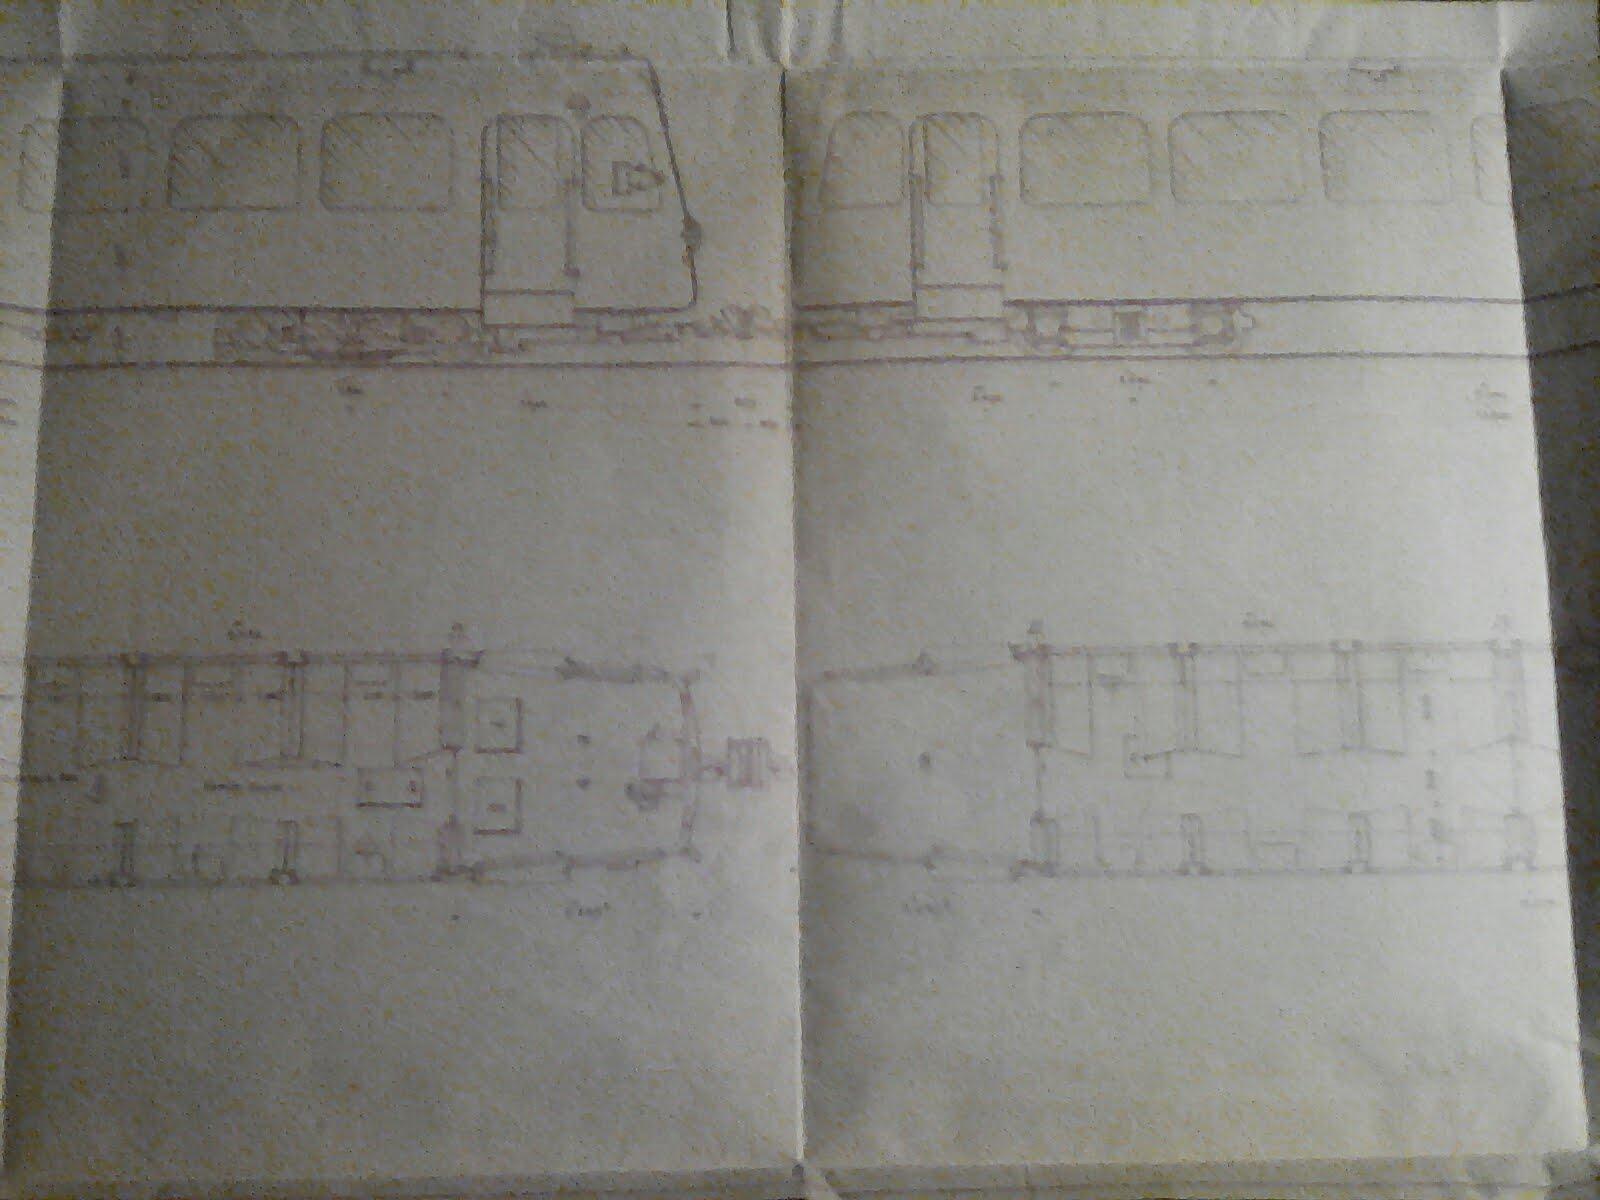 وثيقة فرنسية لتصميم قطار قديم للبيع/French document for the design of an old train for sale